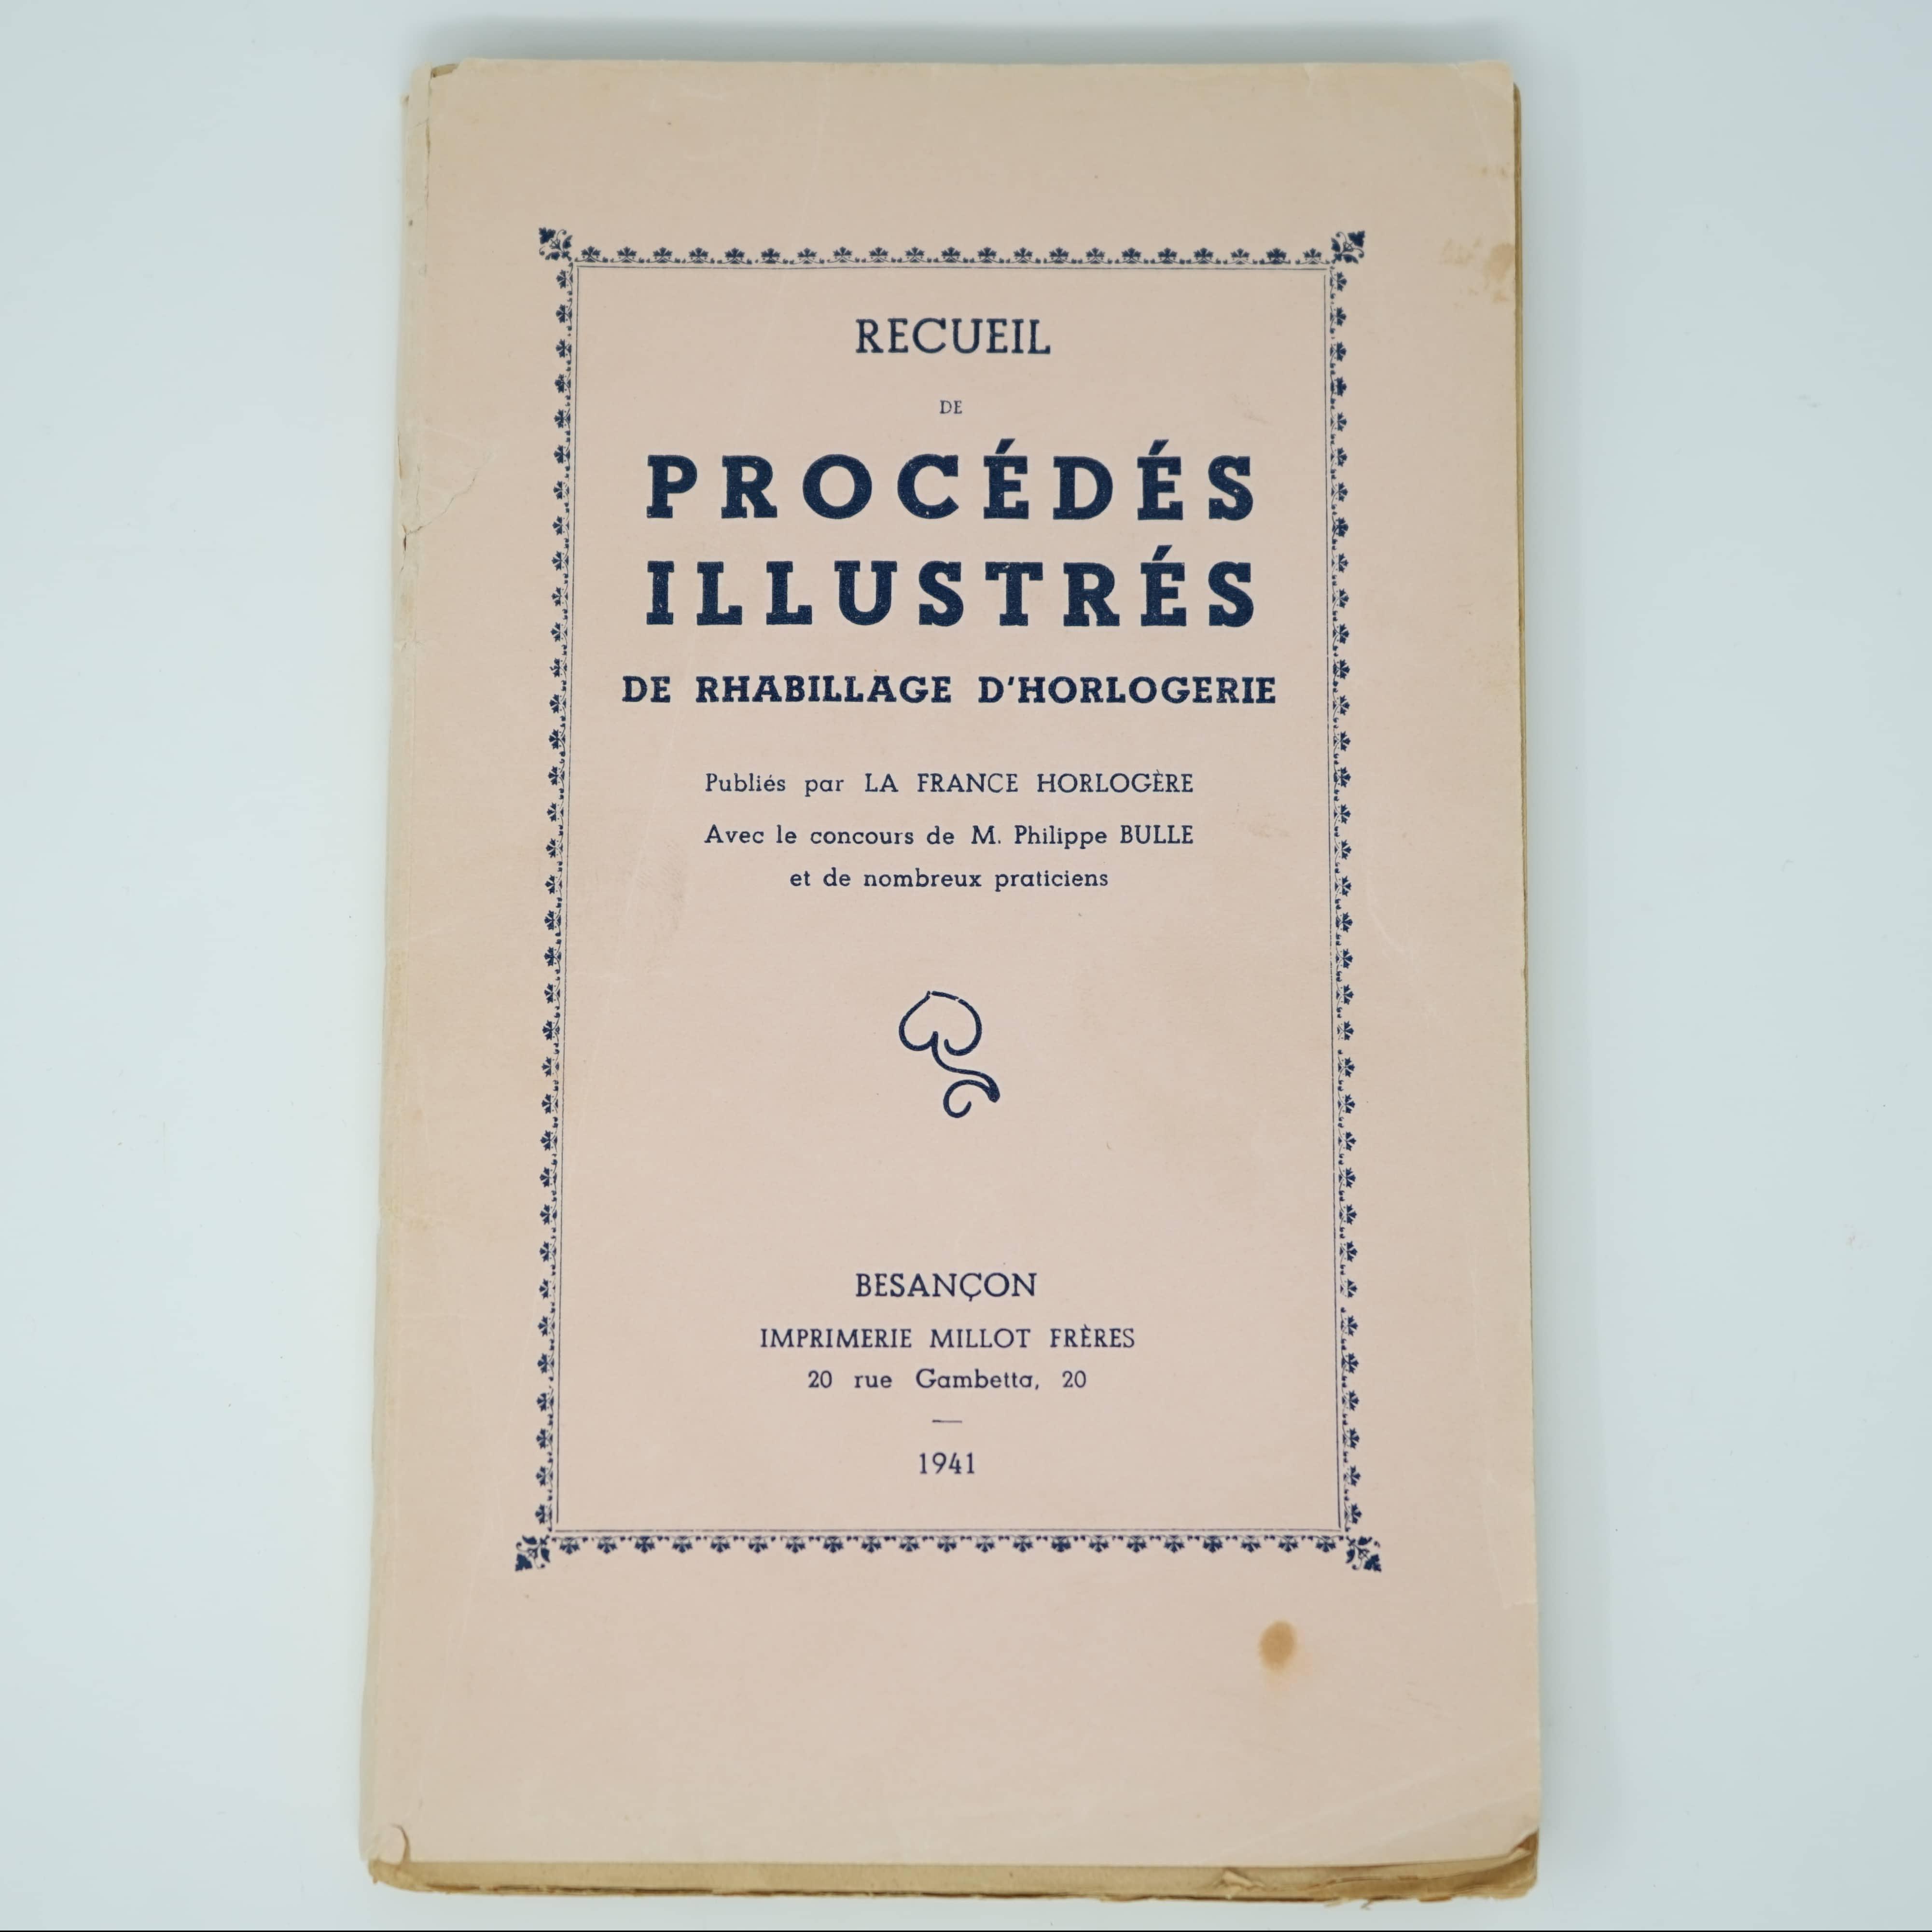 Livre Recueil de Procédés Illustrés couverture